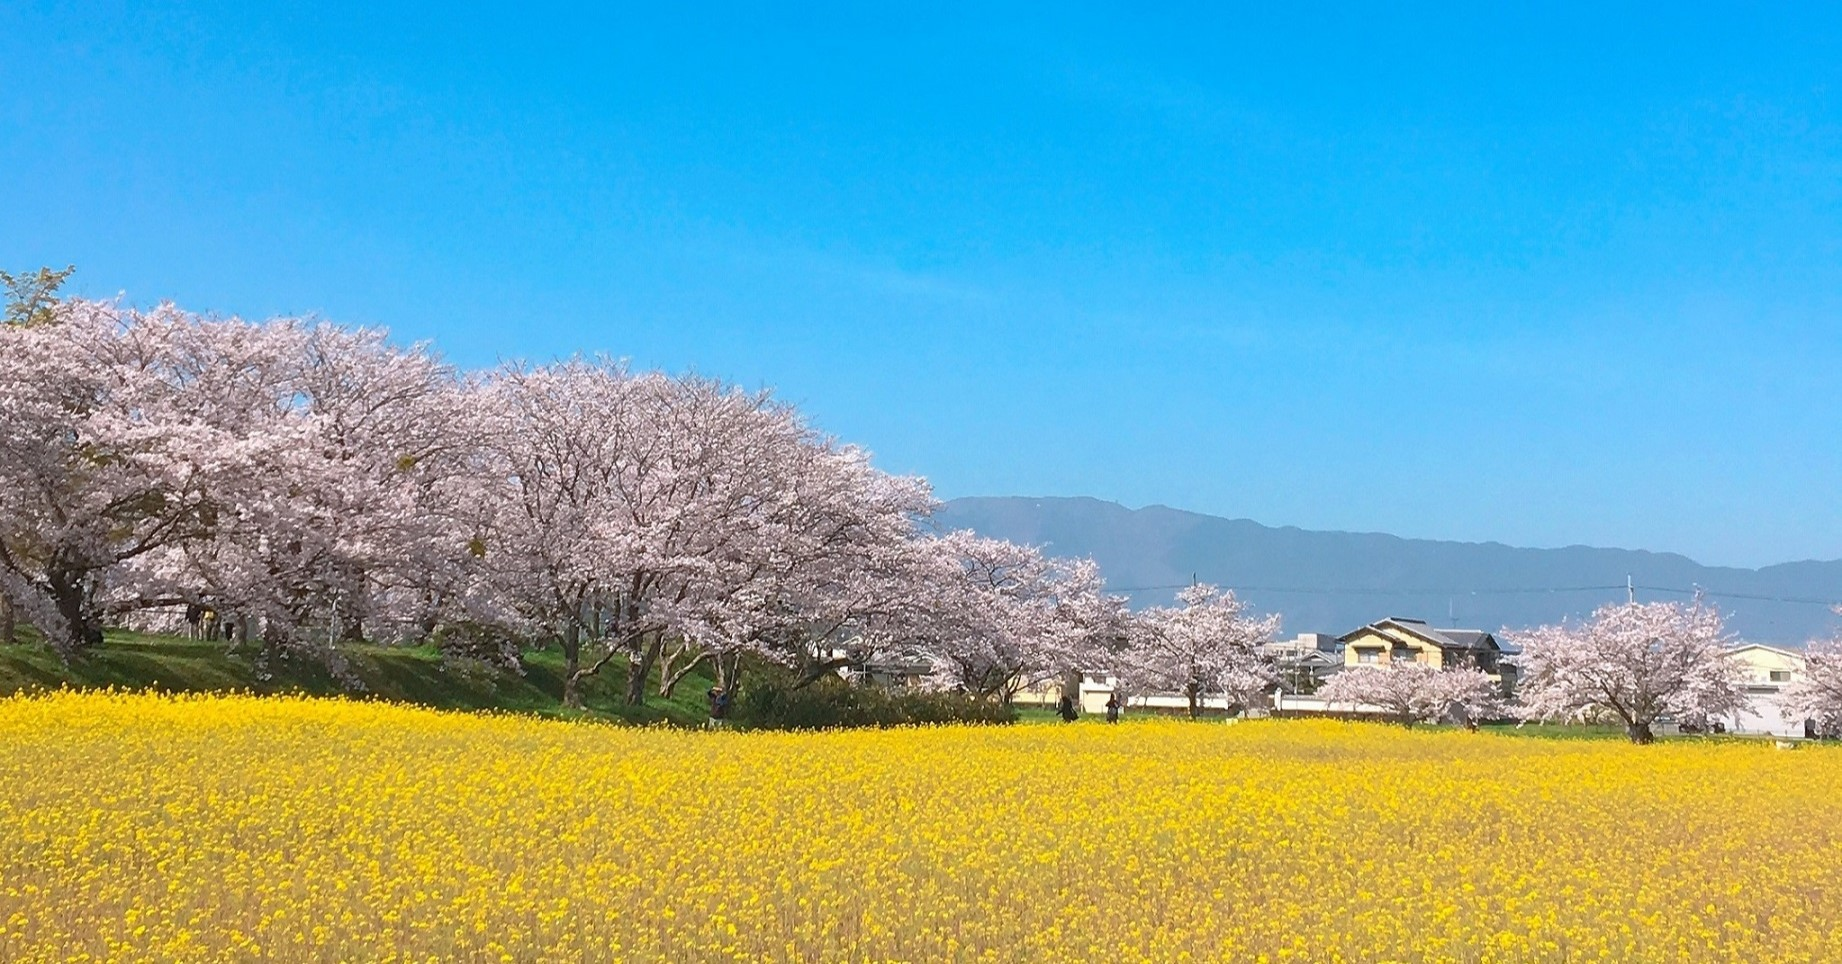 藤原宮跡(桜と菜の花)